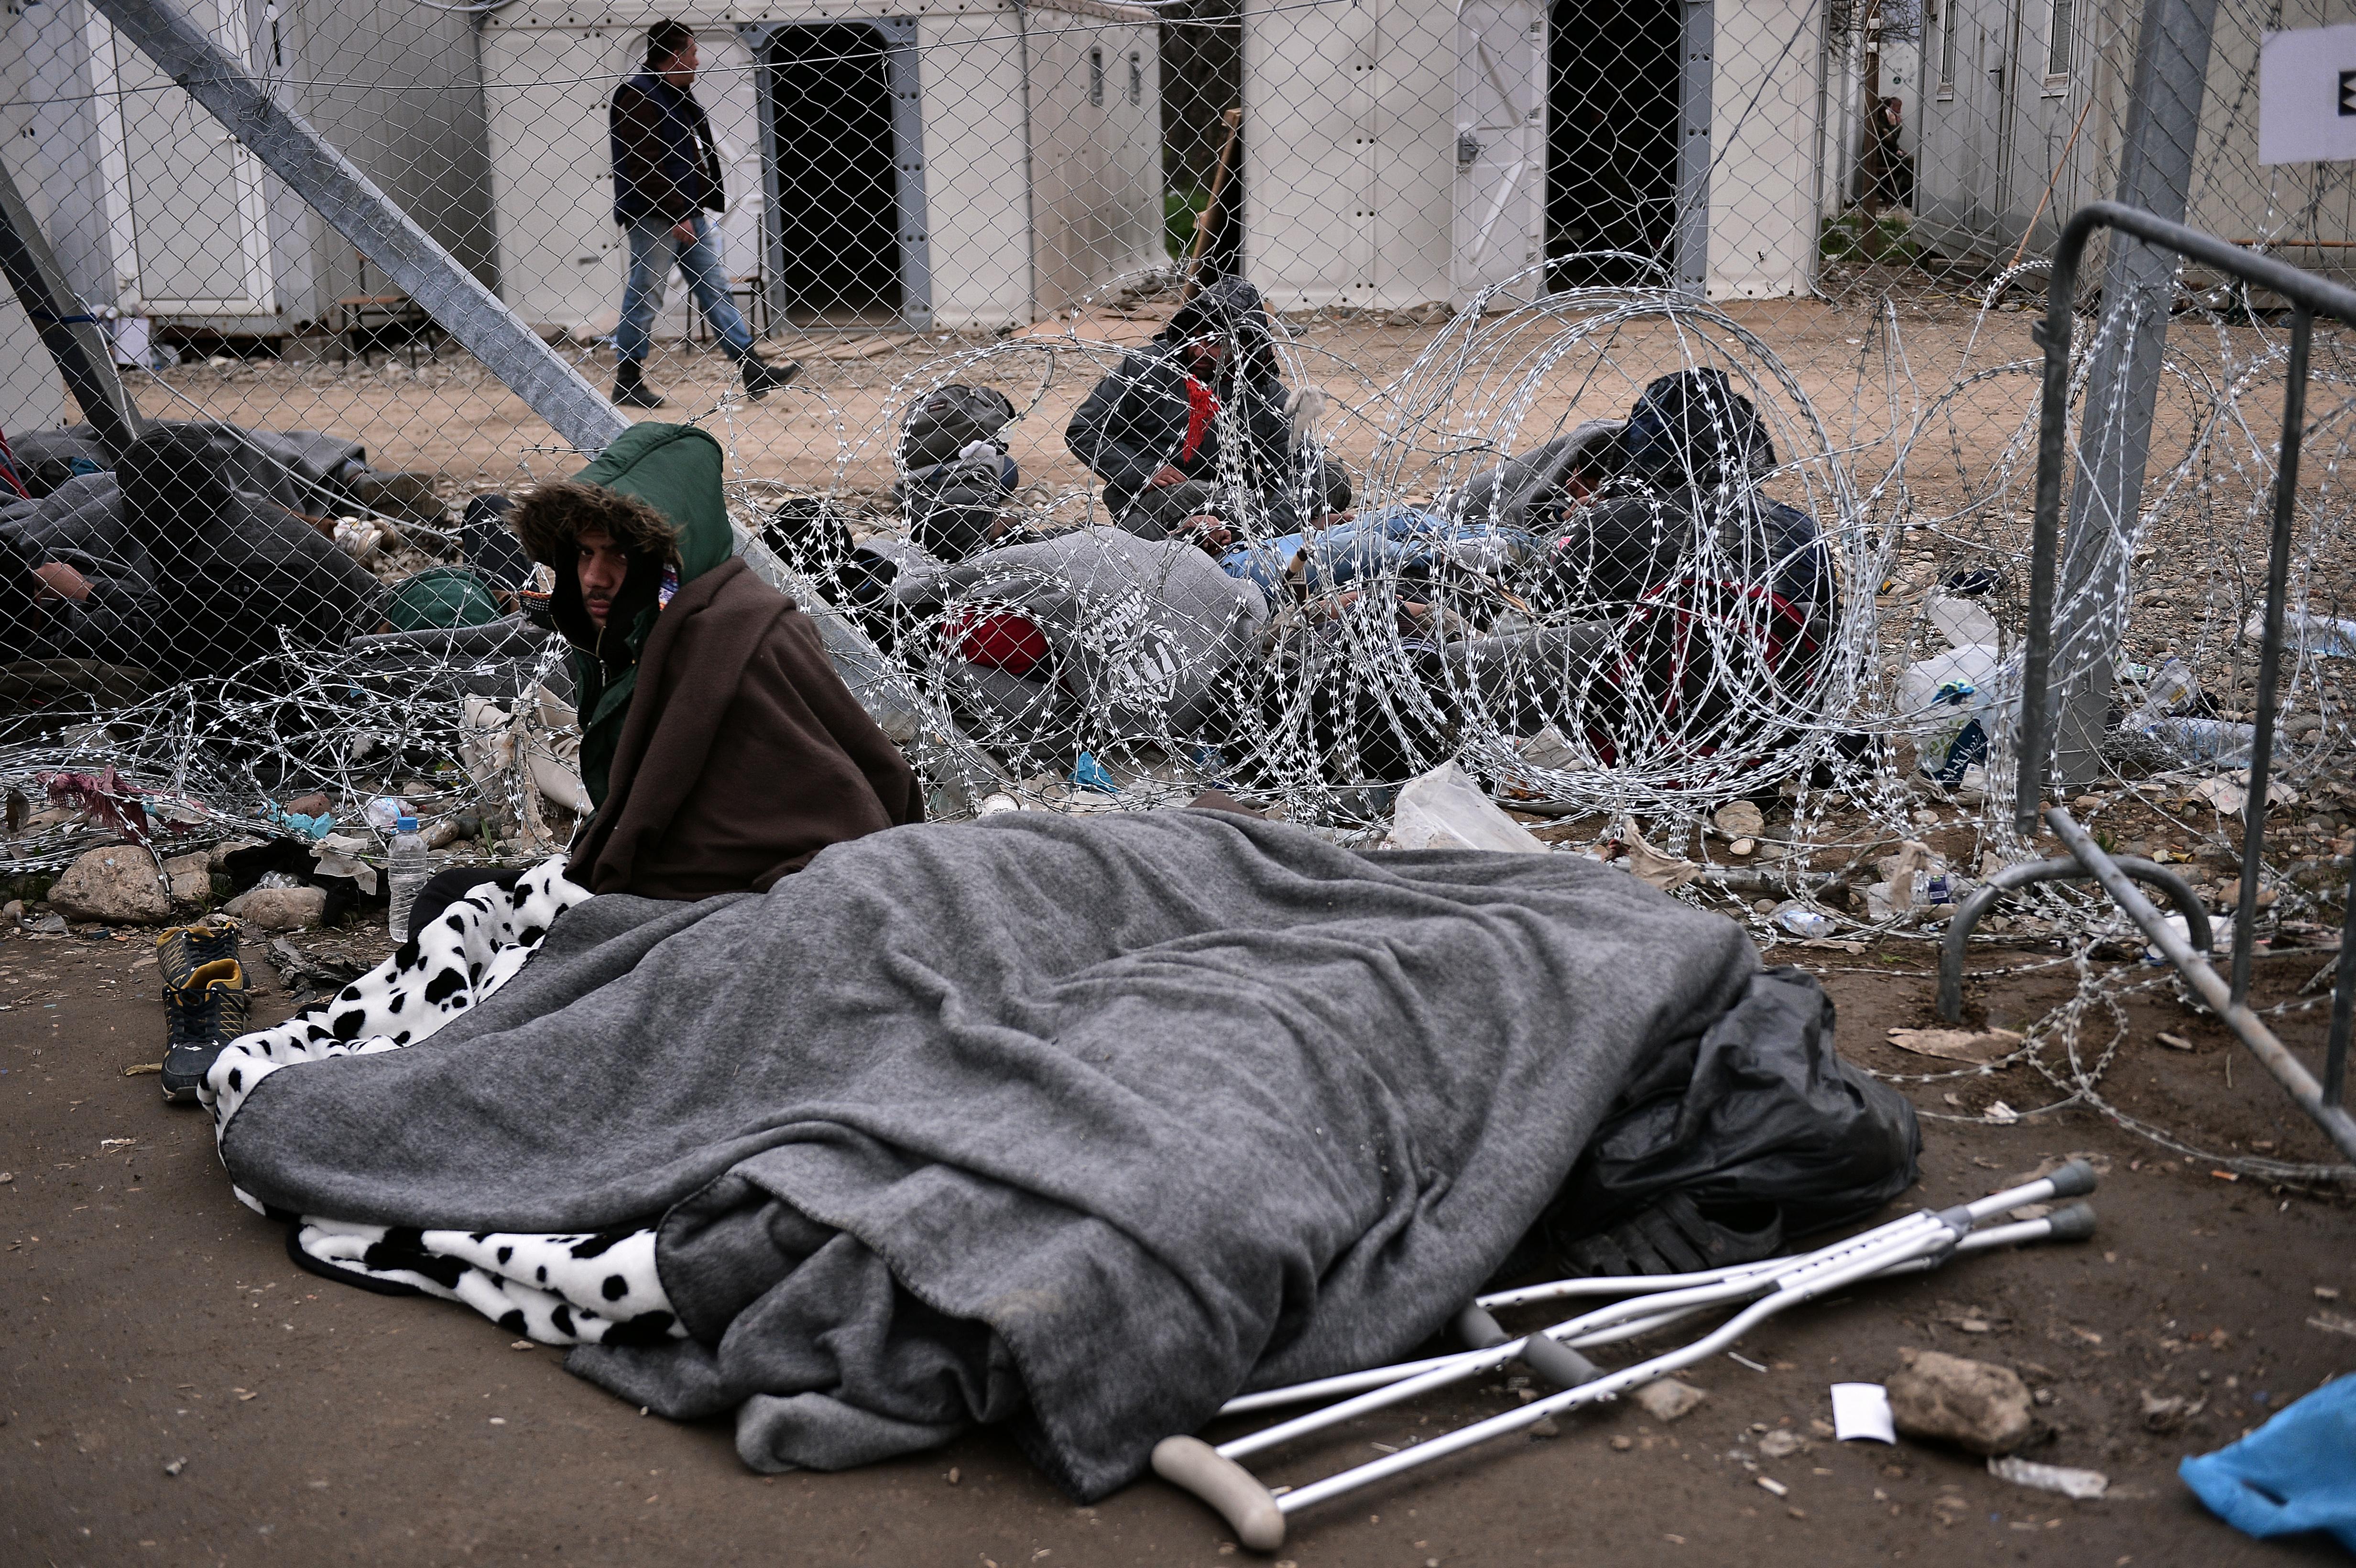 Attól, hogy valaki EU-n kívüli magyar, még tolhatja teljes lelkesedéssel a magyar kormány migránsellenes álláspontját